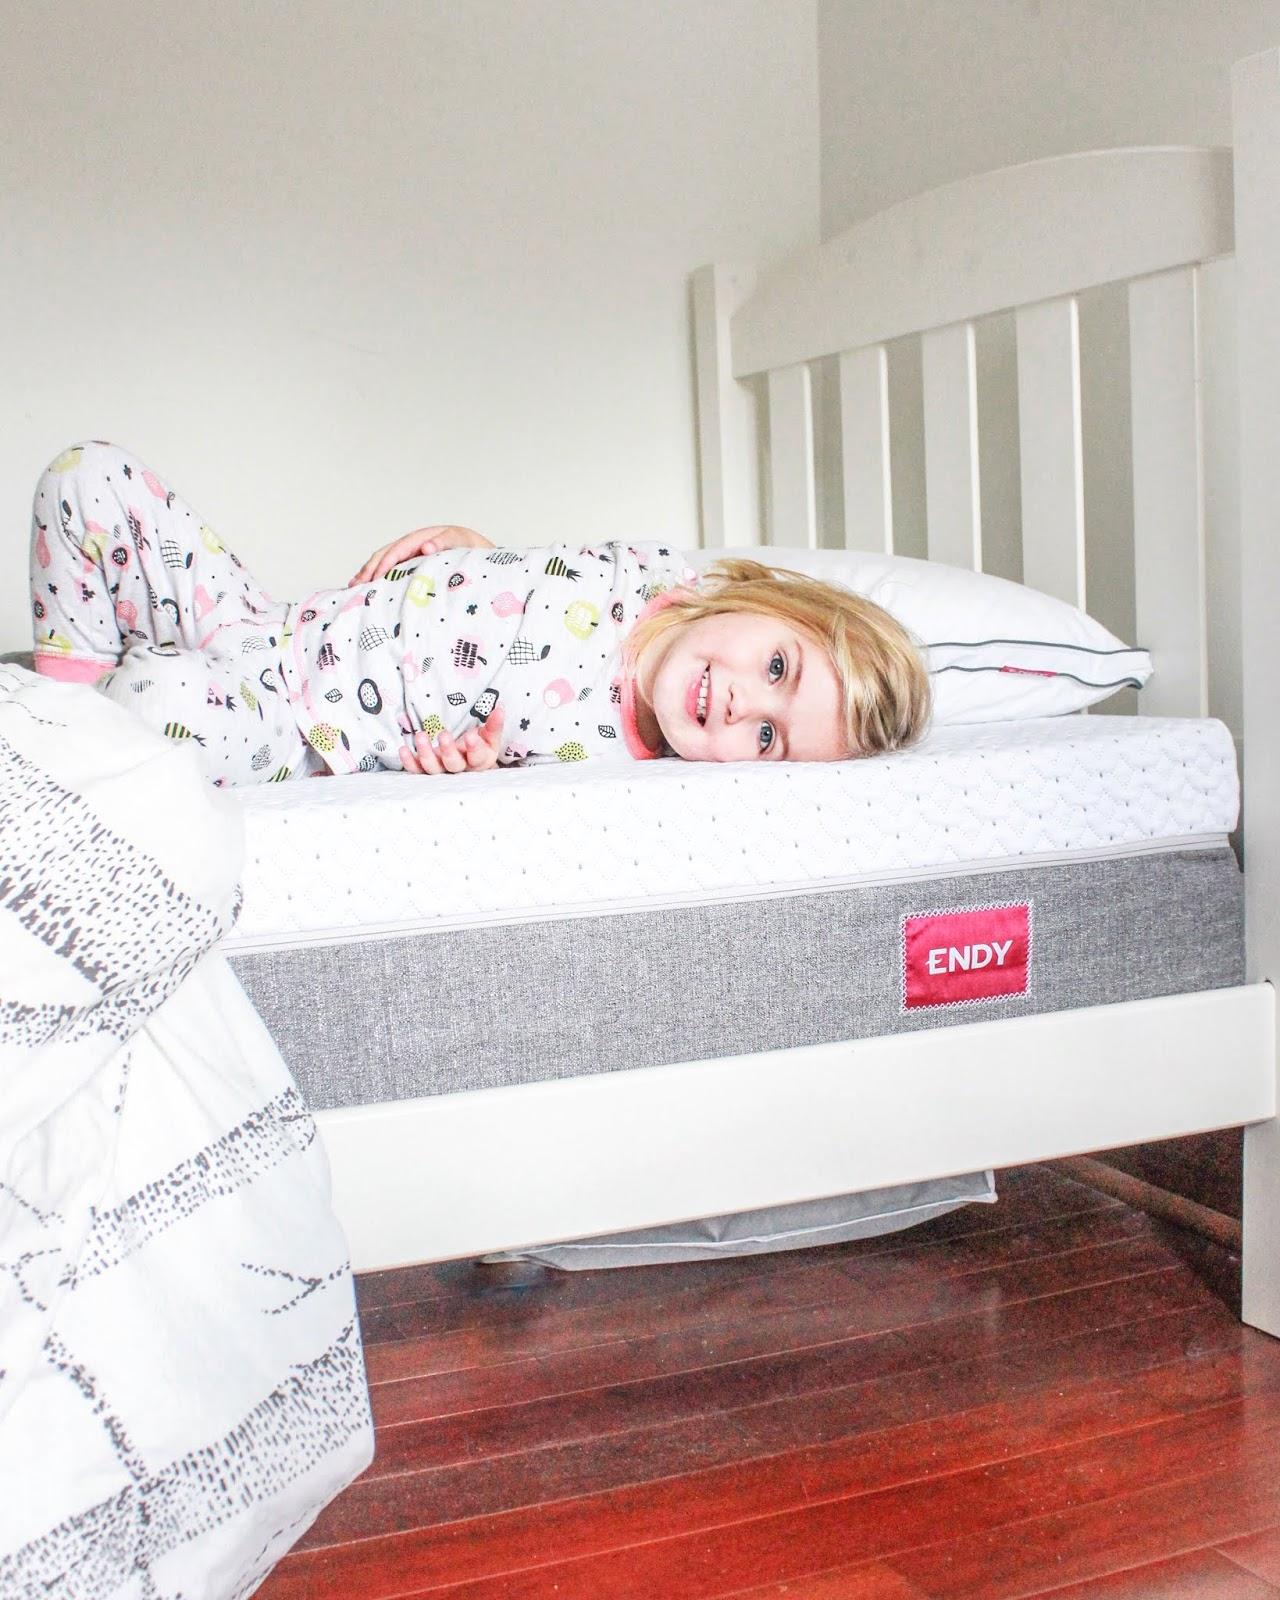 100 Night Endy Mattress Review, From an Honest Preschooler